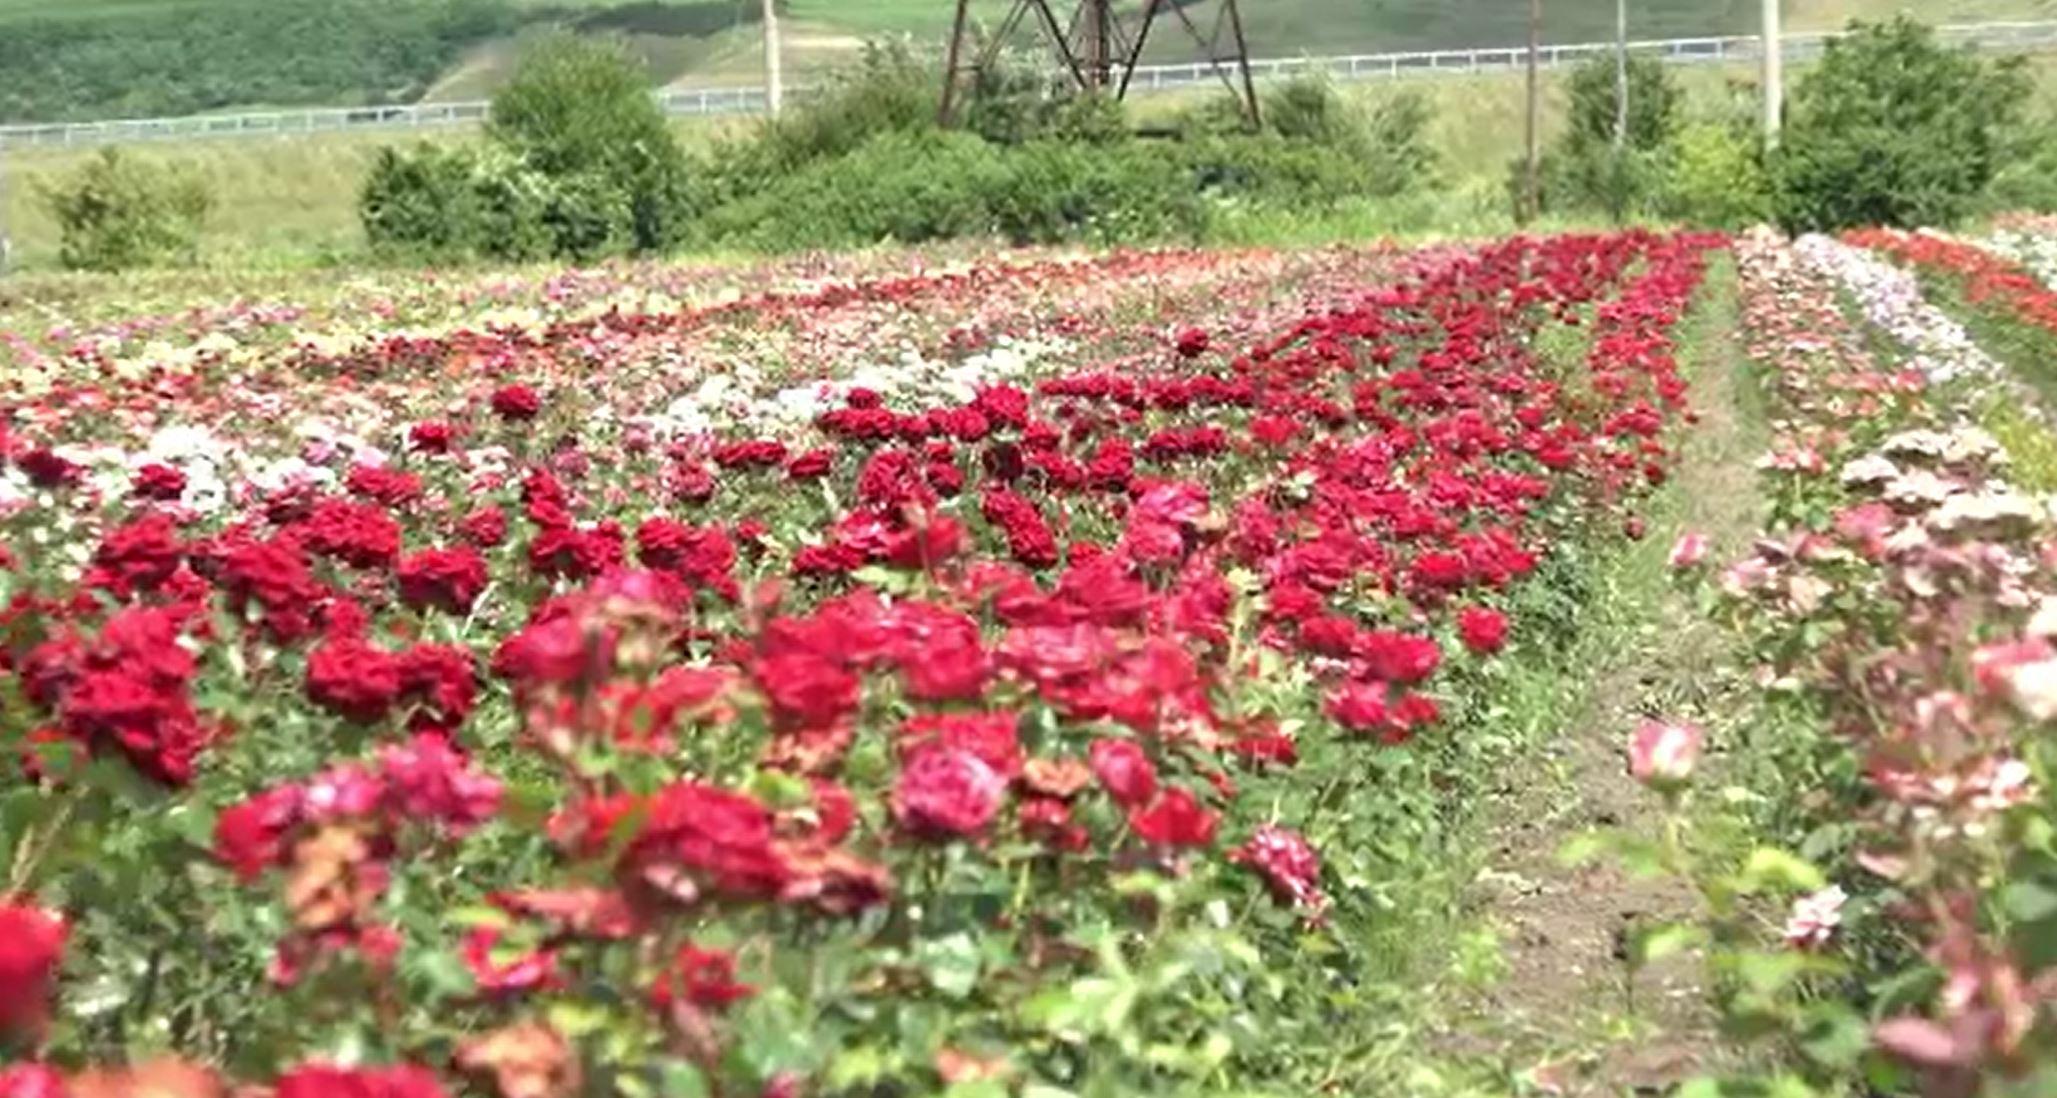 Horticultorii români dezvoltă trandafiri unici în Europa. Care sunt cele mai căutate soiuri